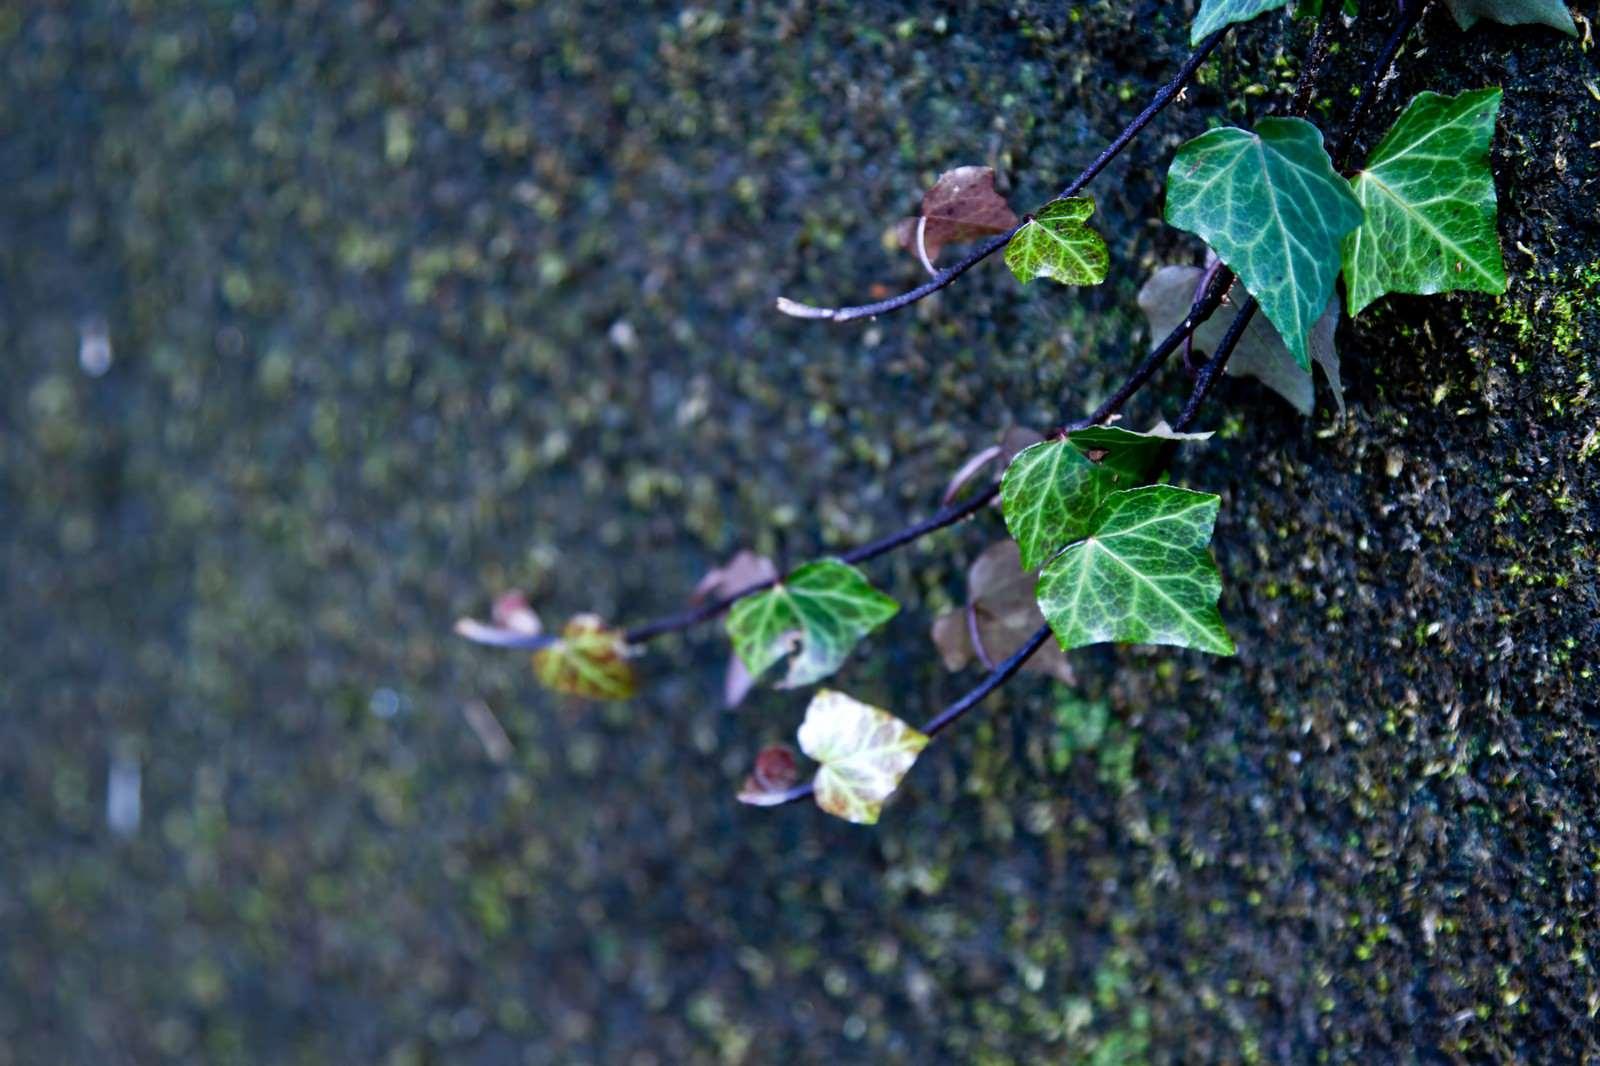 「湿った場所の蔓」の写真